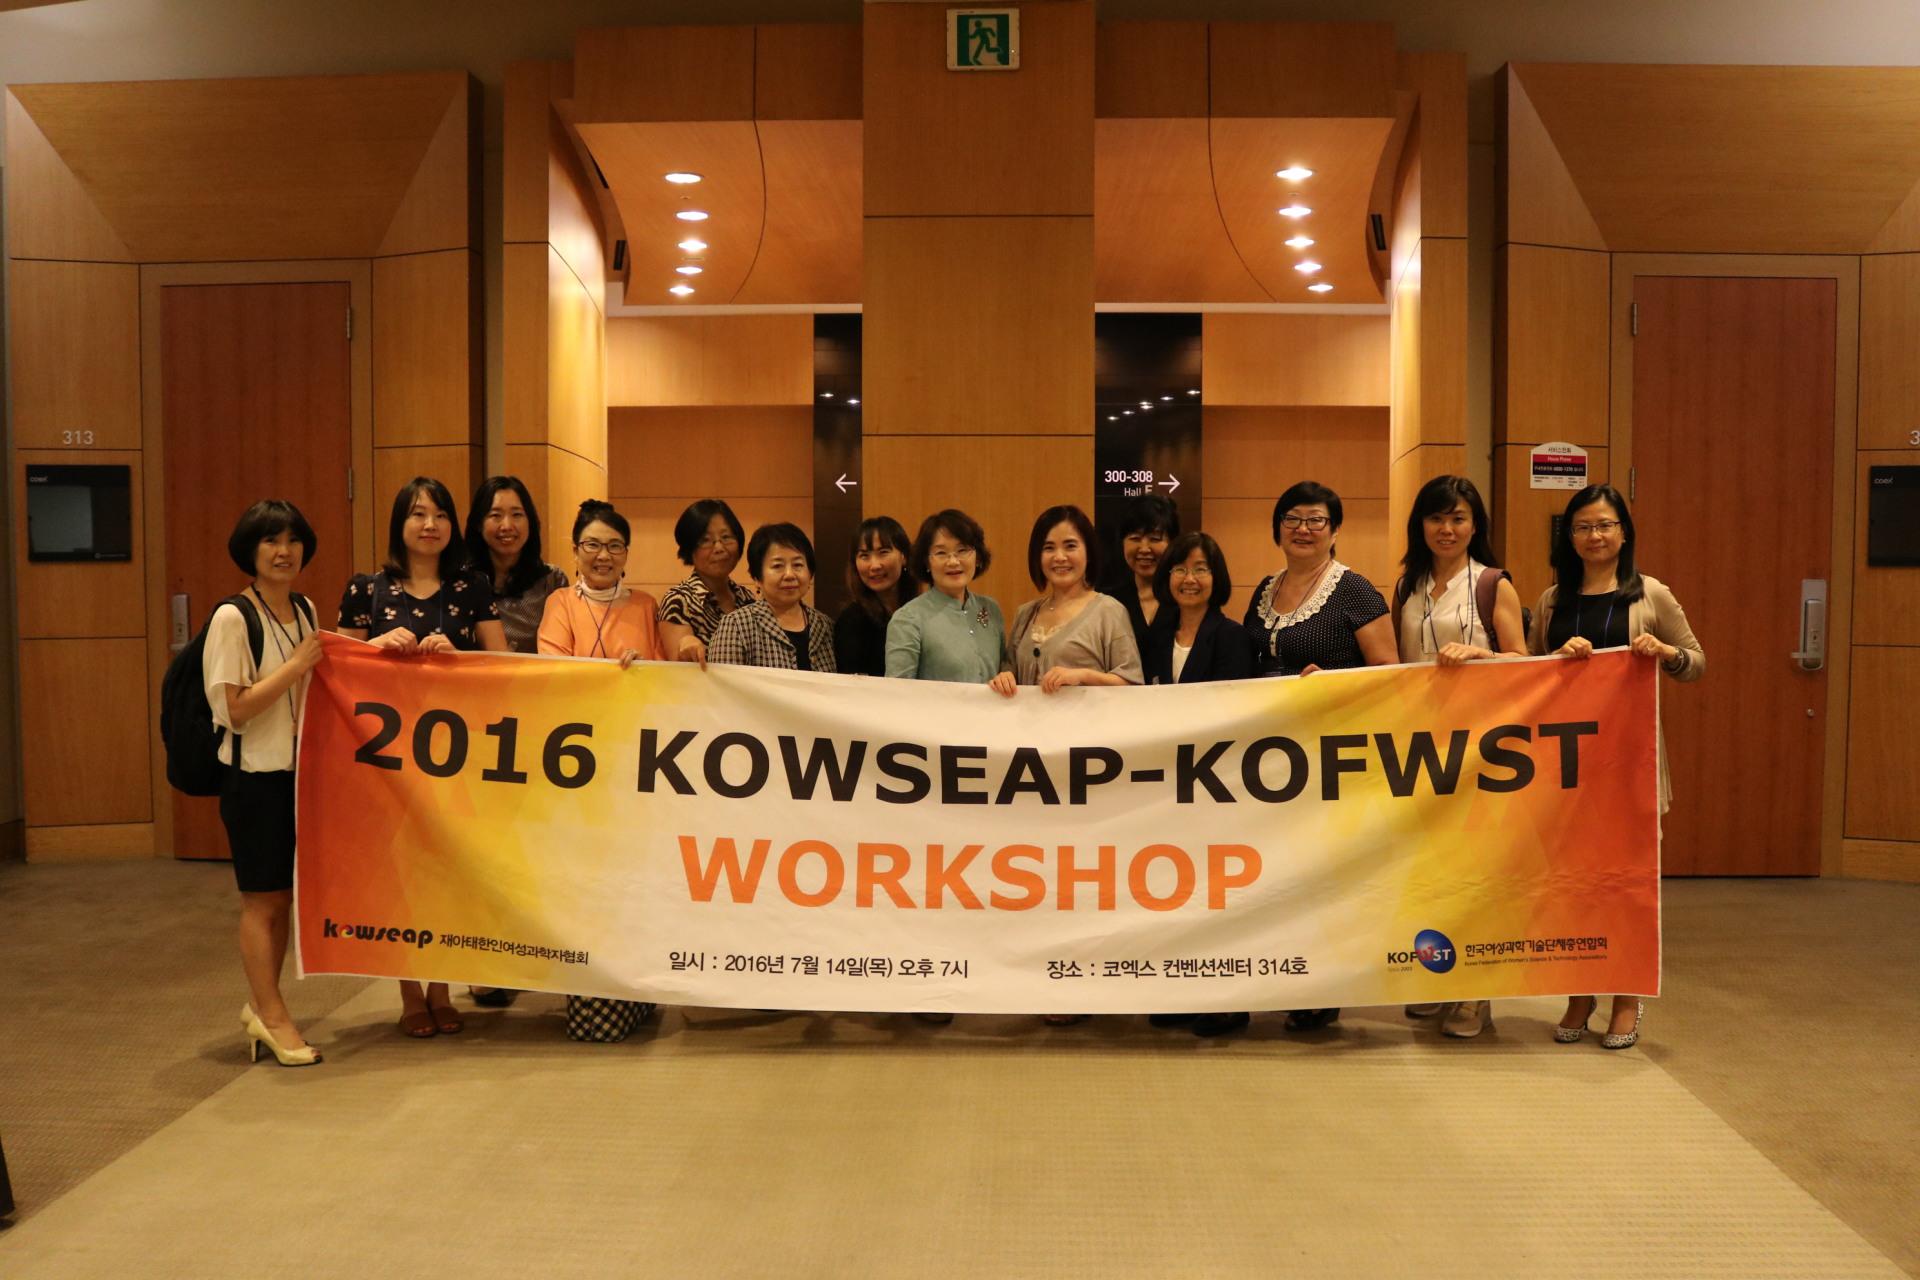 Kowseap Workshop 2016